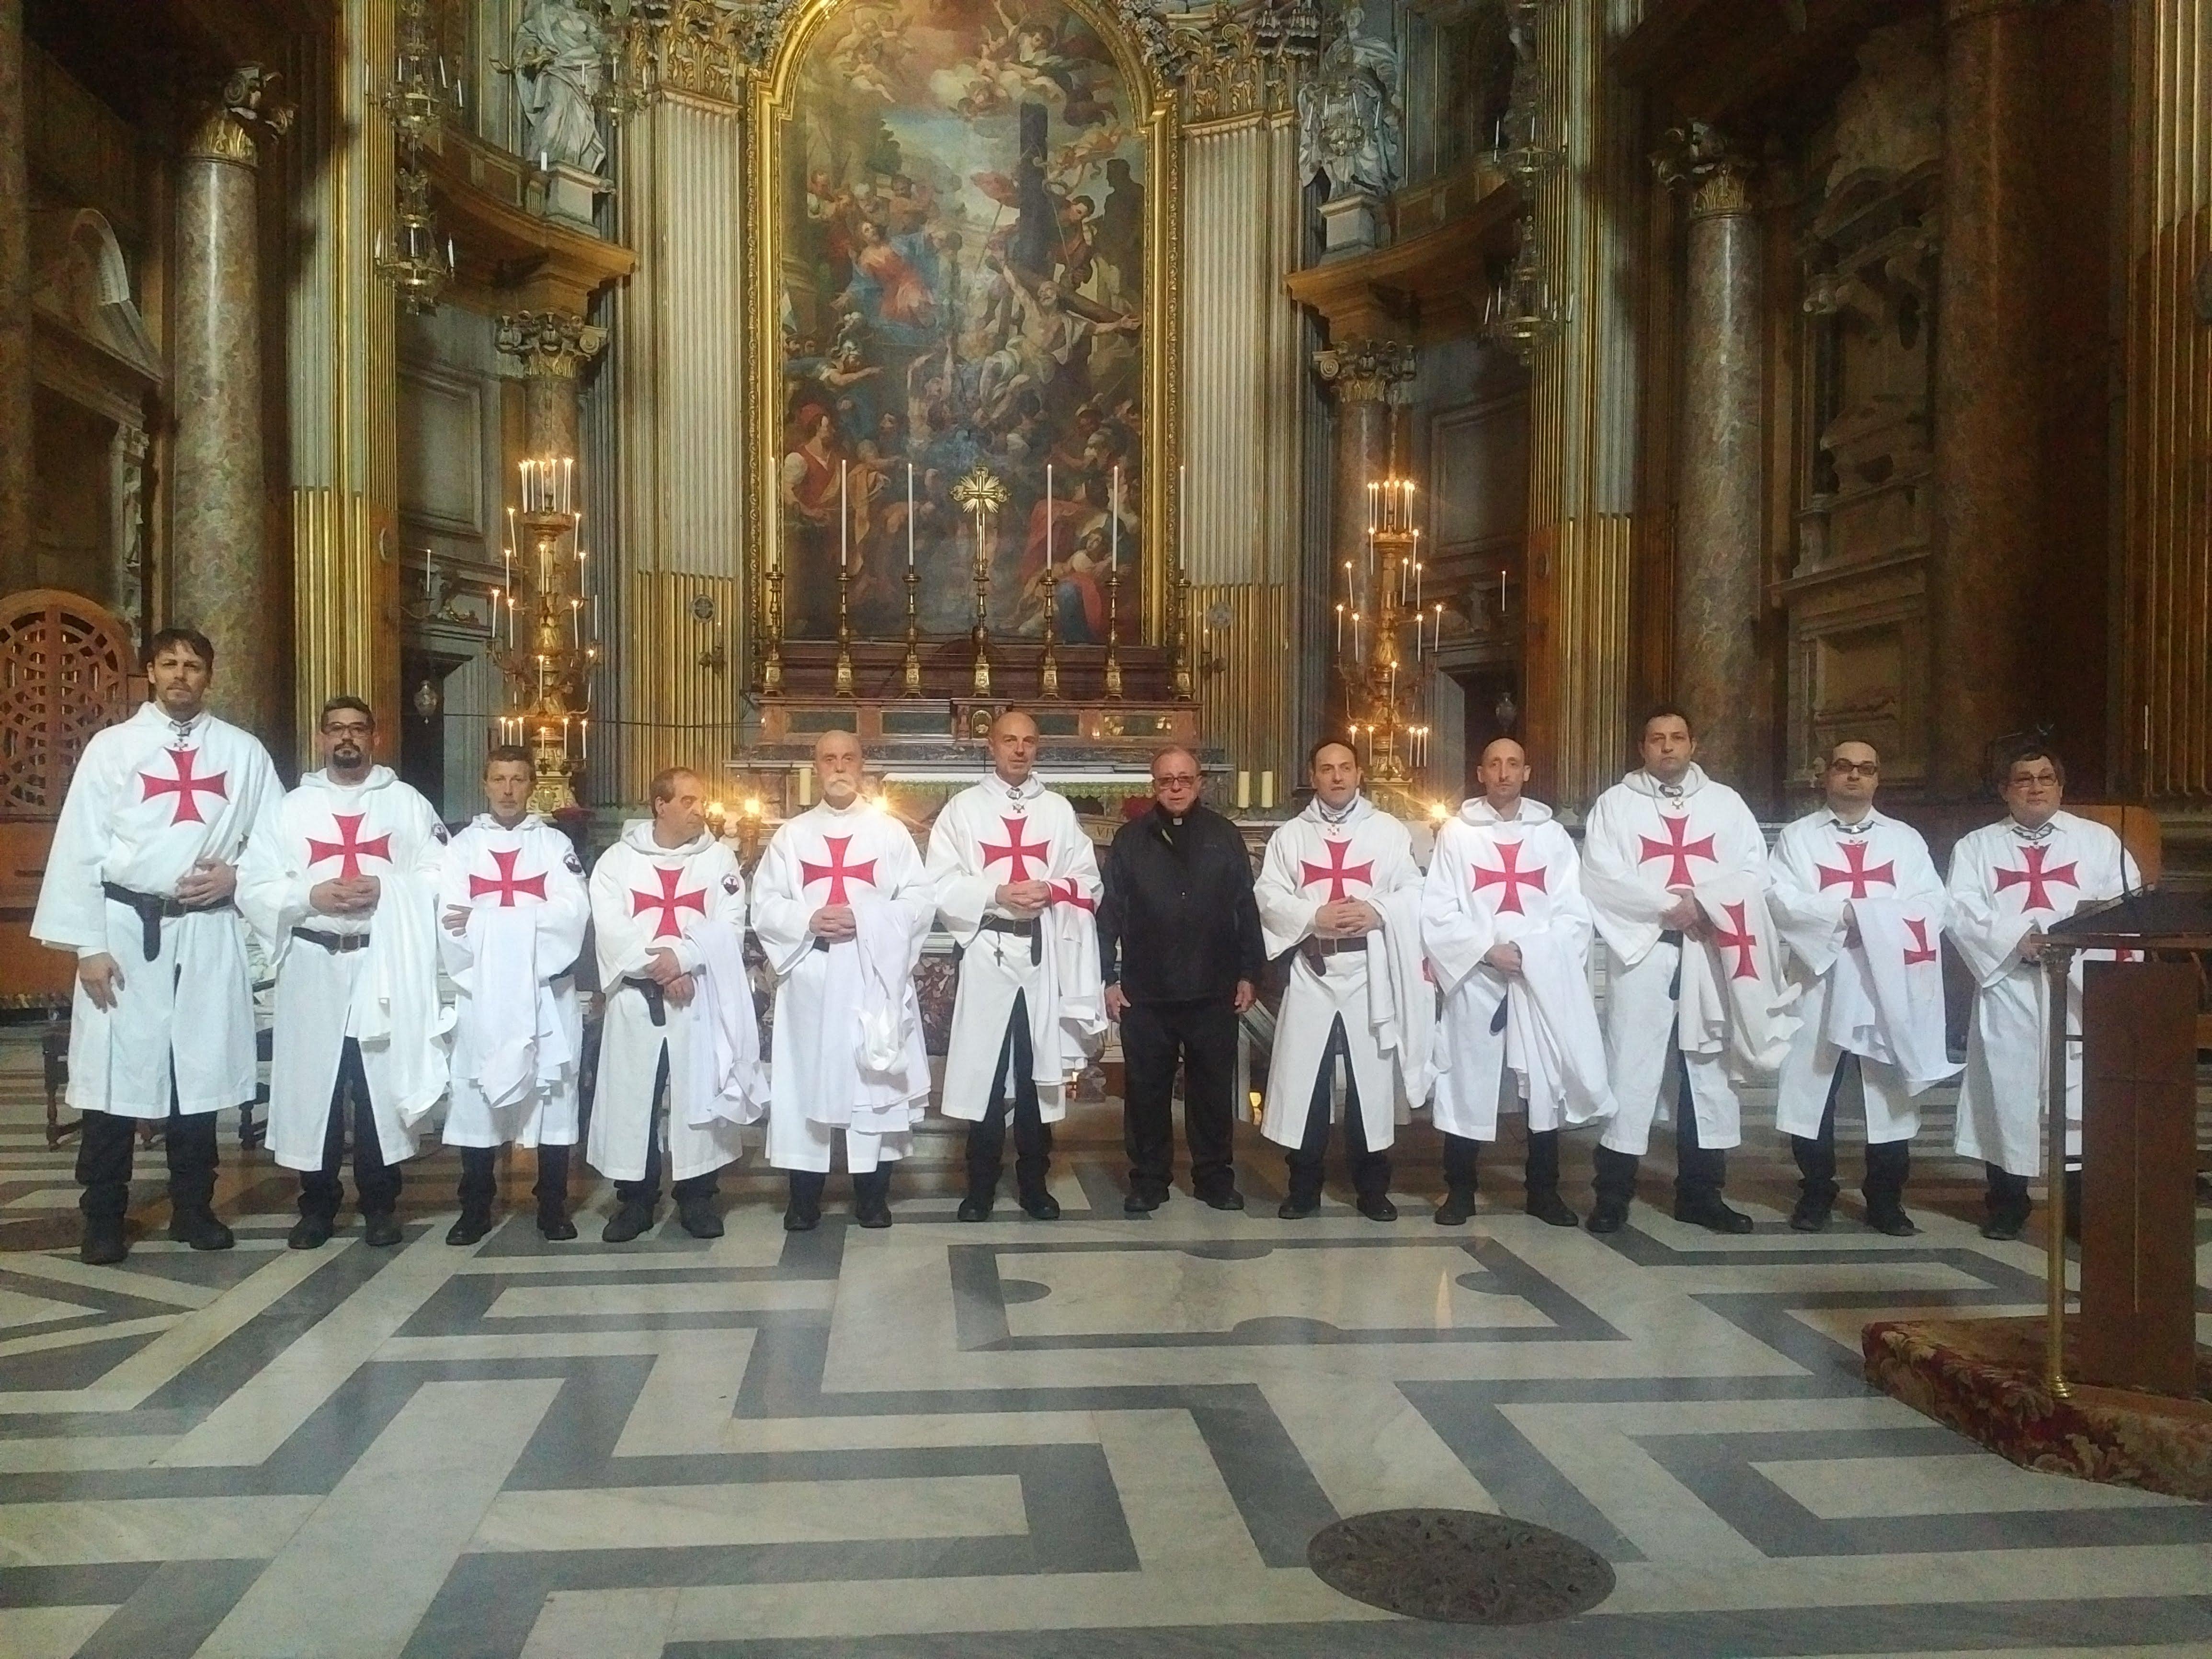 10-11 Feb 2018 – Servizio presso 4 Basiliche a Roma